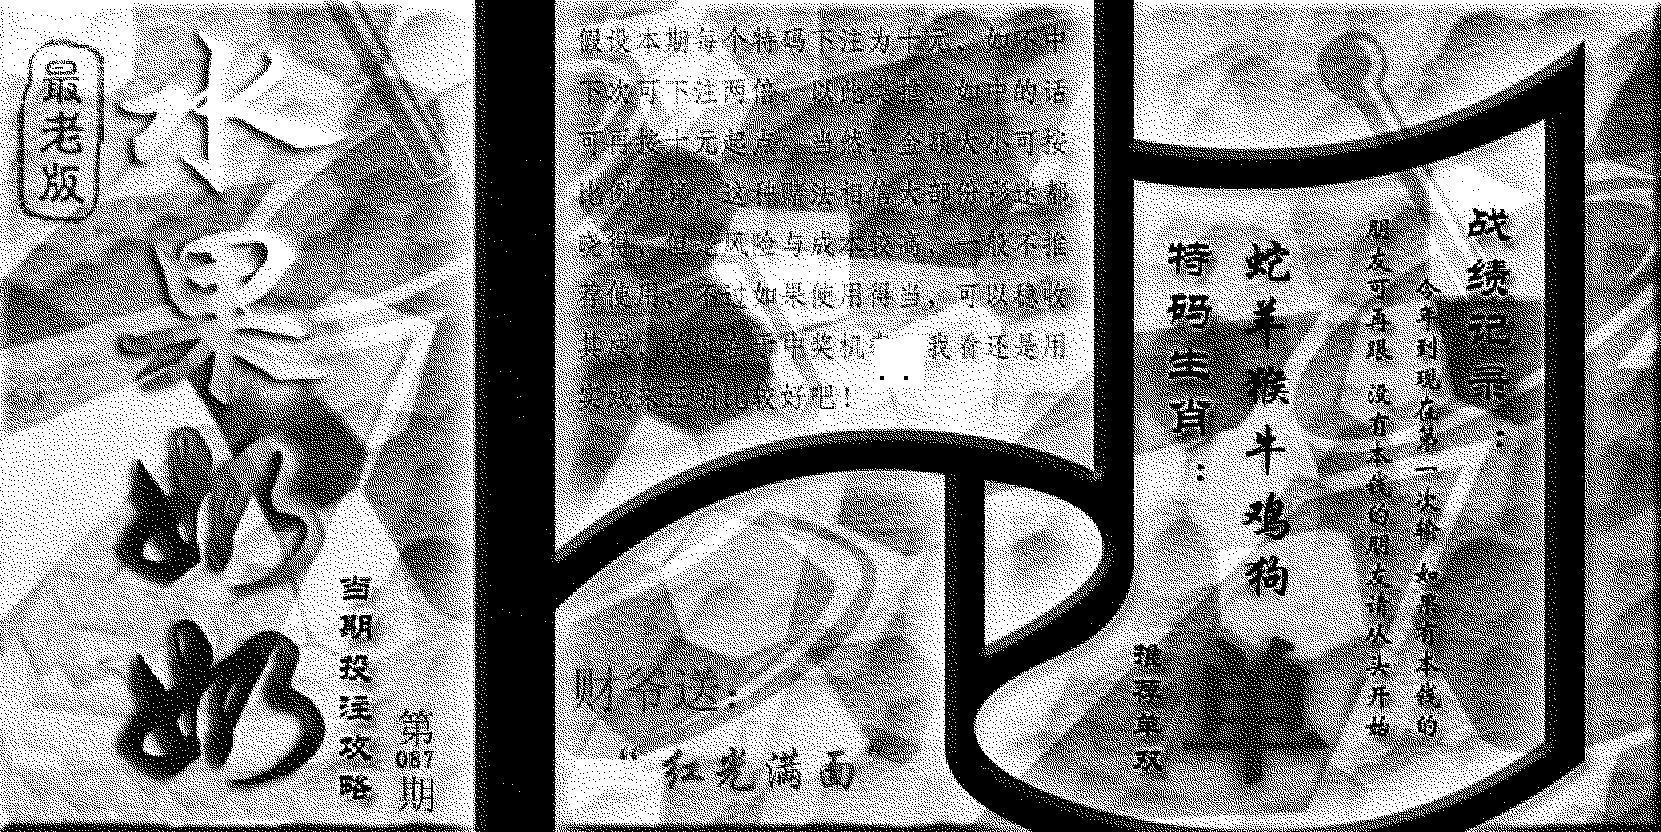 087期(九龙单双攻略)老版(黑白)